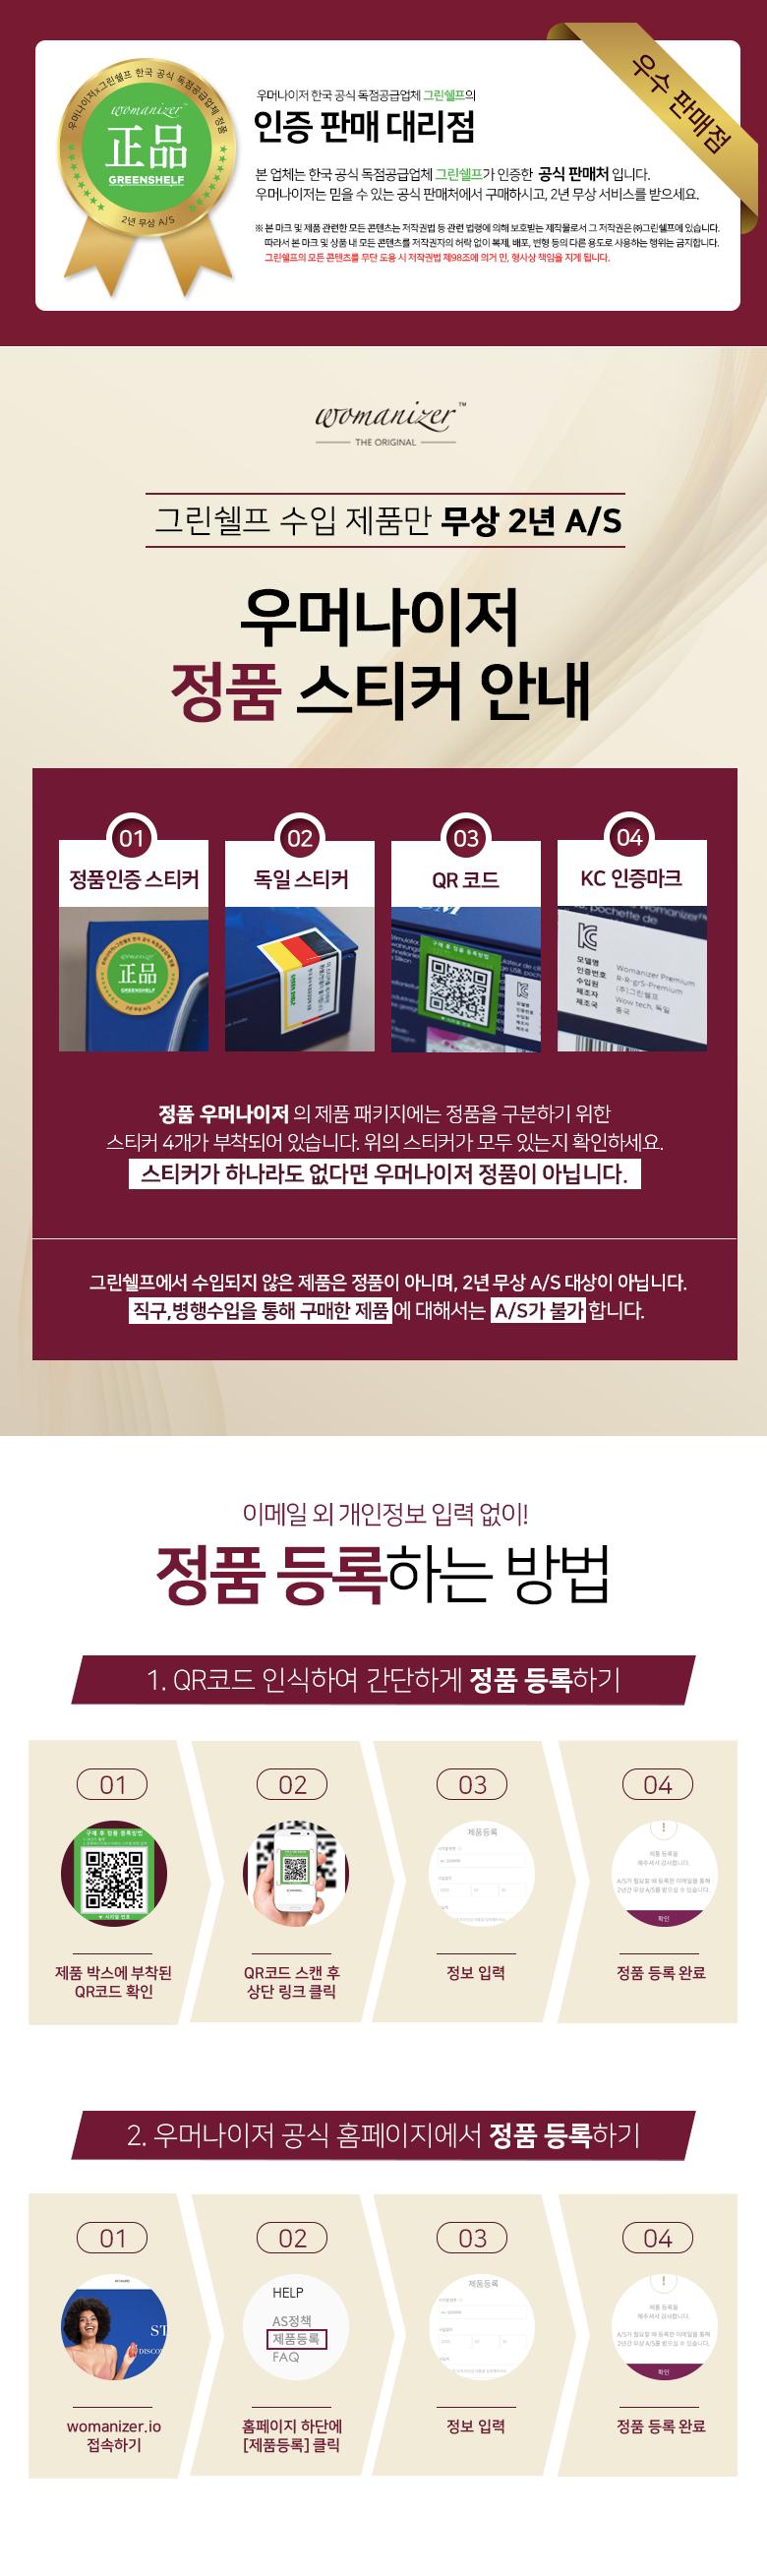 우머나이저 공식 판매 사이트